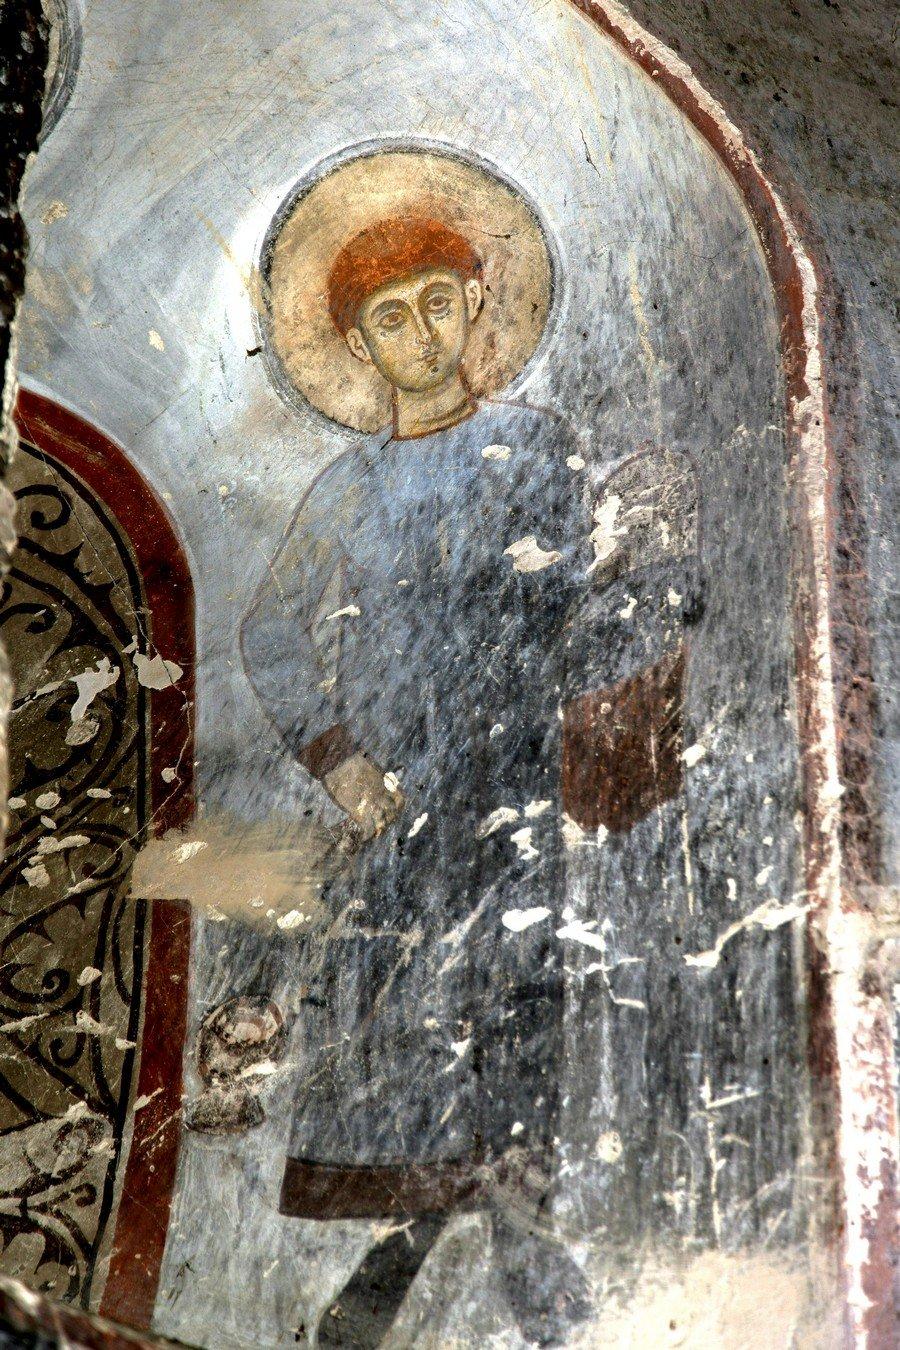 Святой диакон. Фреска храма Архангела Михаила в монастыре Икорта, Южная Осетия. Конец XII - начало XIII века.